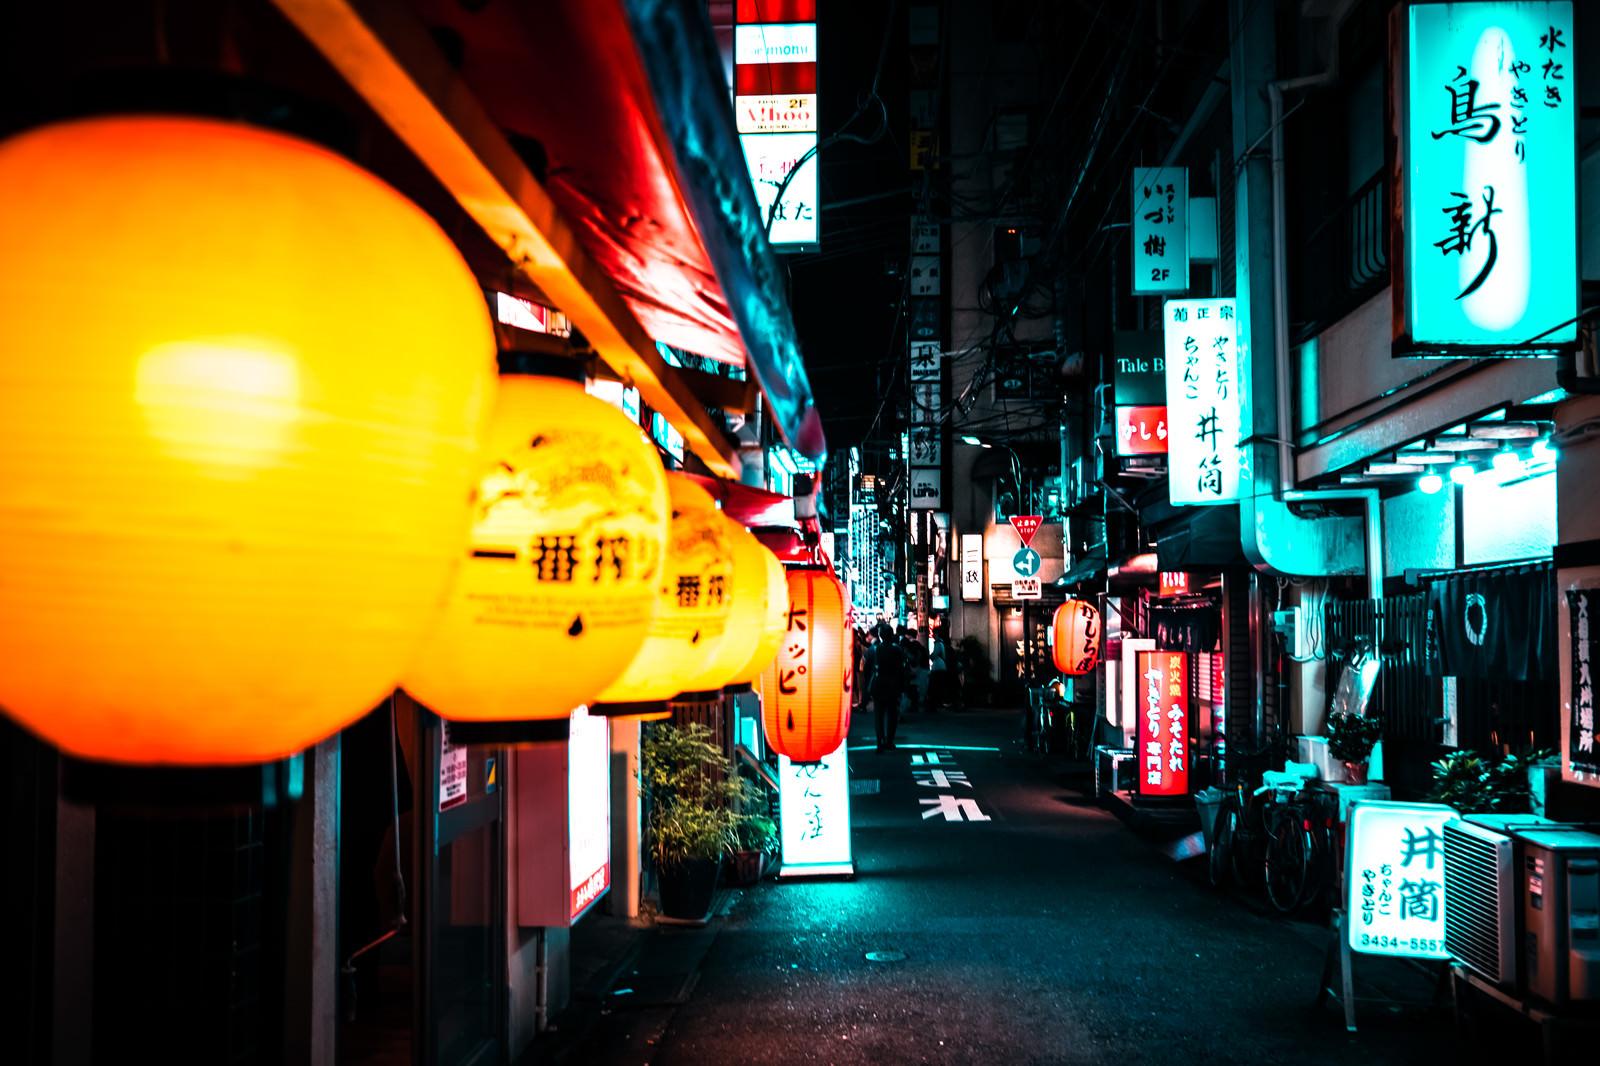 「居酒屋の軒下に並ぶちょうちんと飲み屋街」の写真